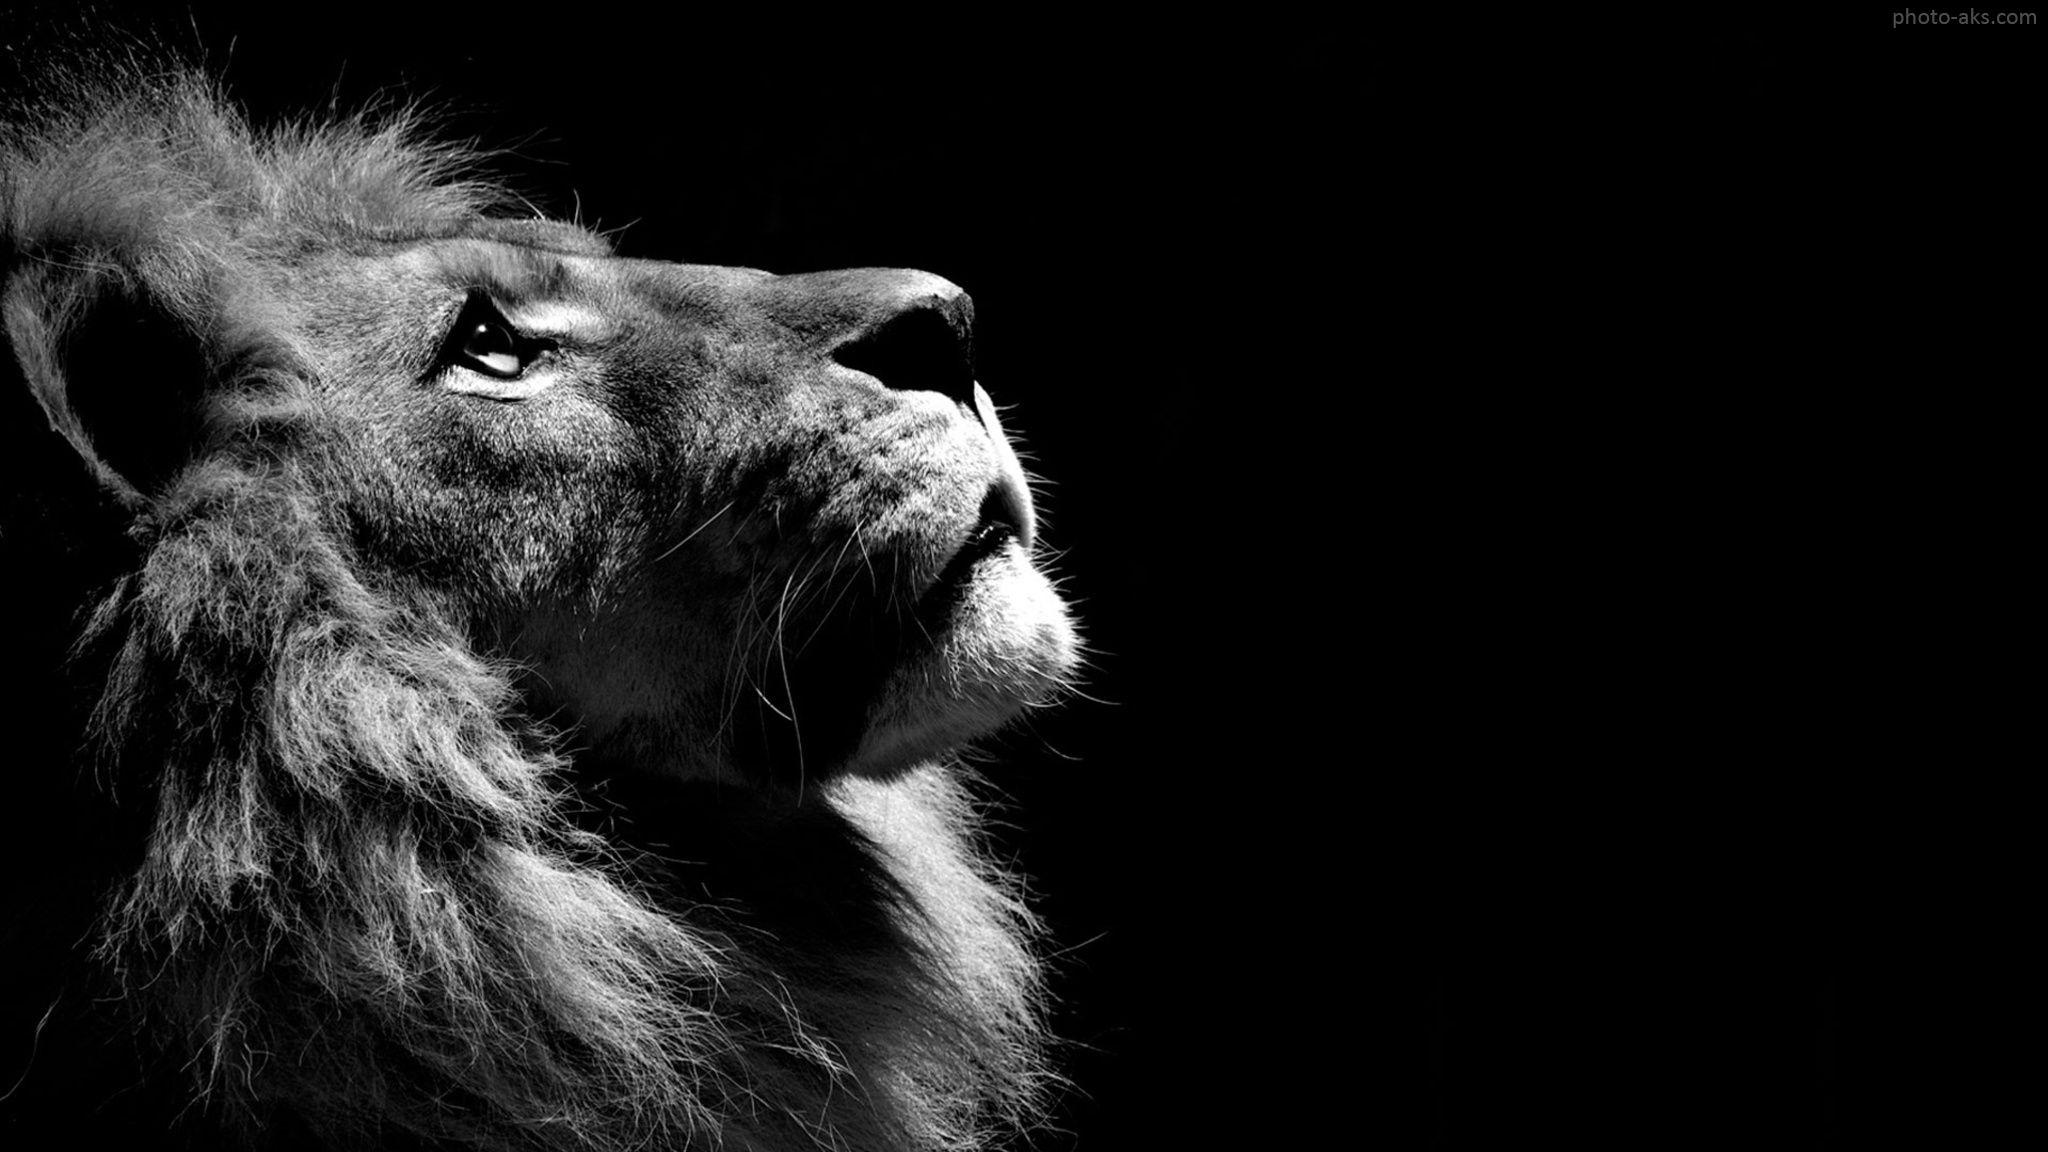 عکس سیاه و سفید حیوان شیر